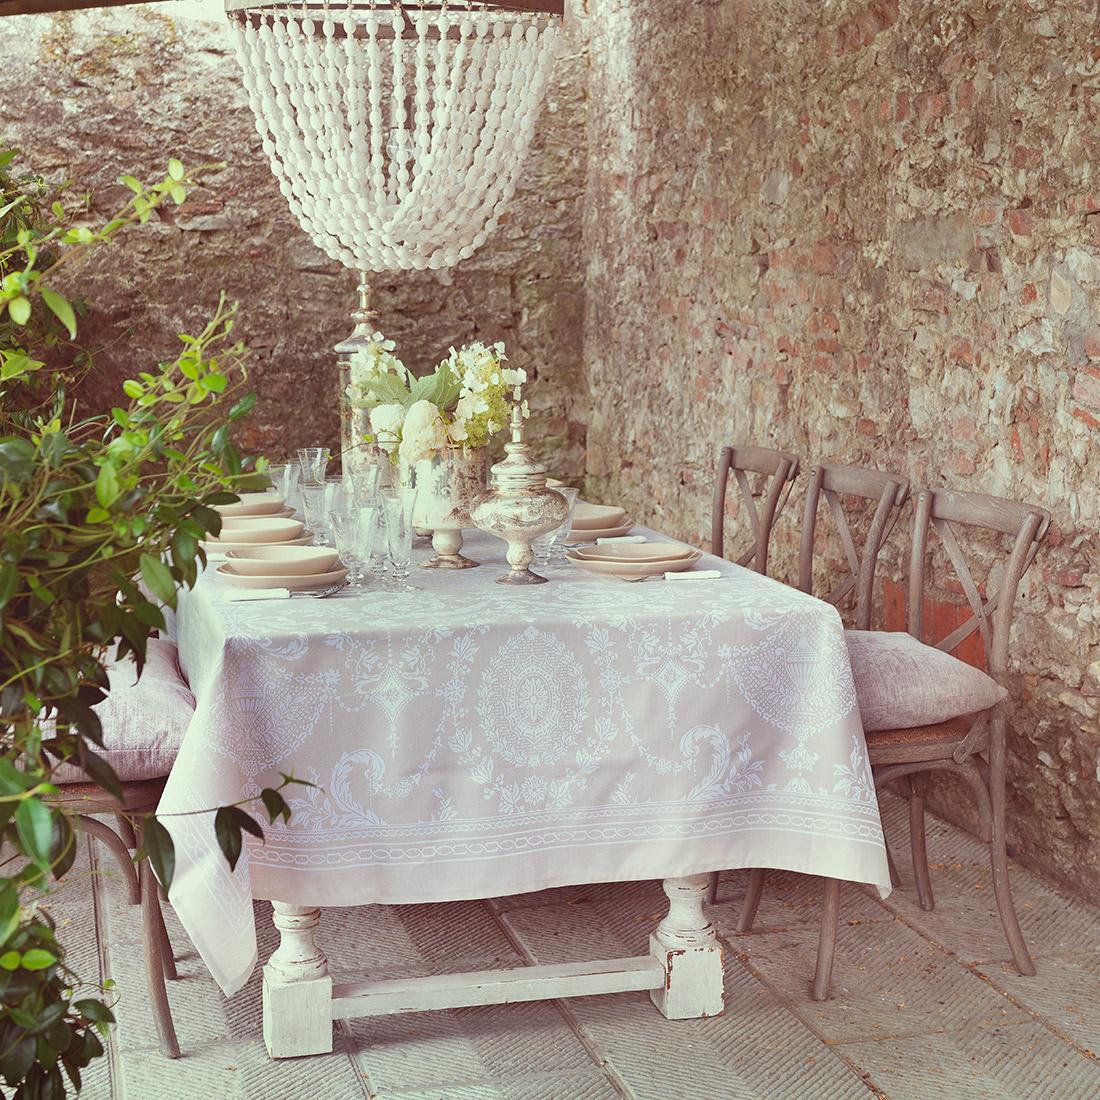 Blanc MariClo' - Apparecchiare en plein air - Blog